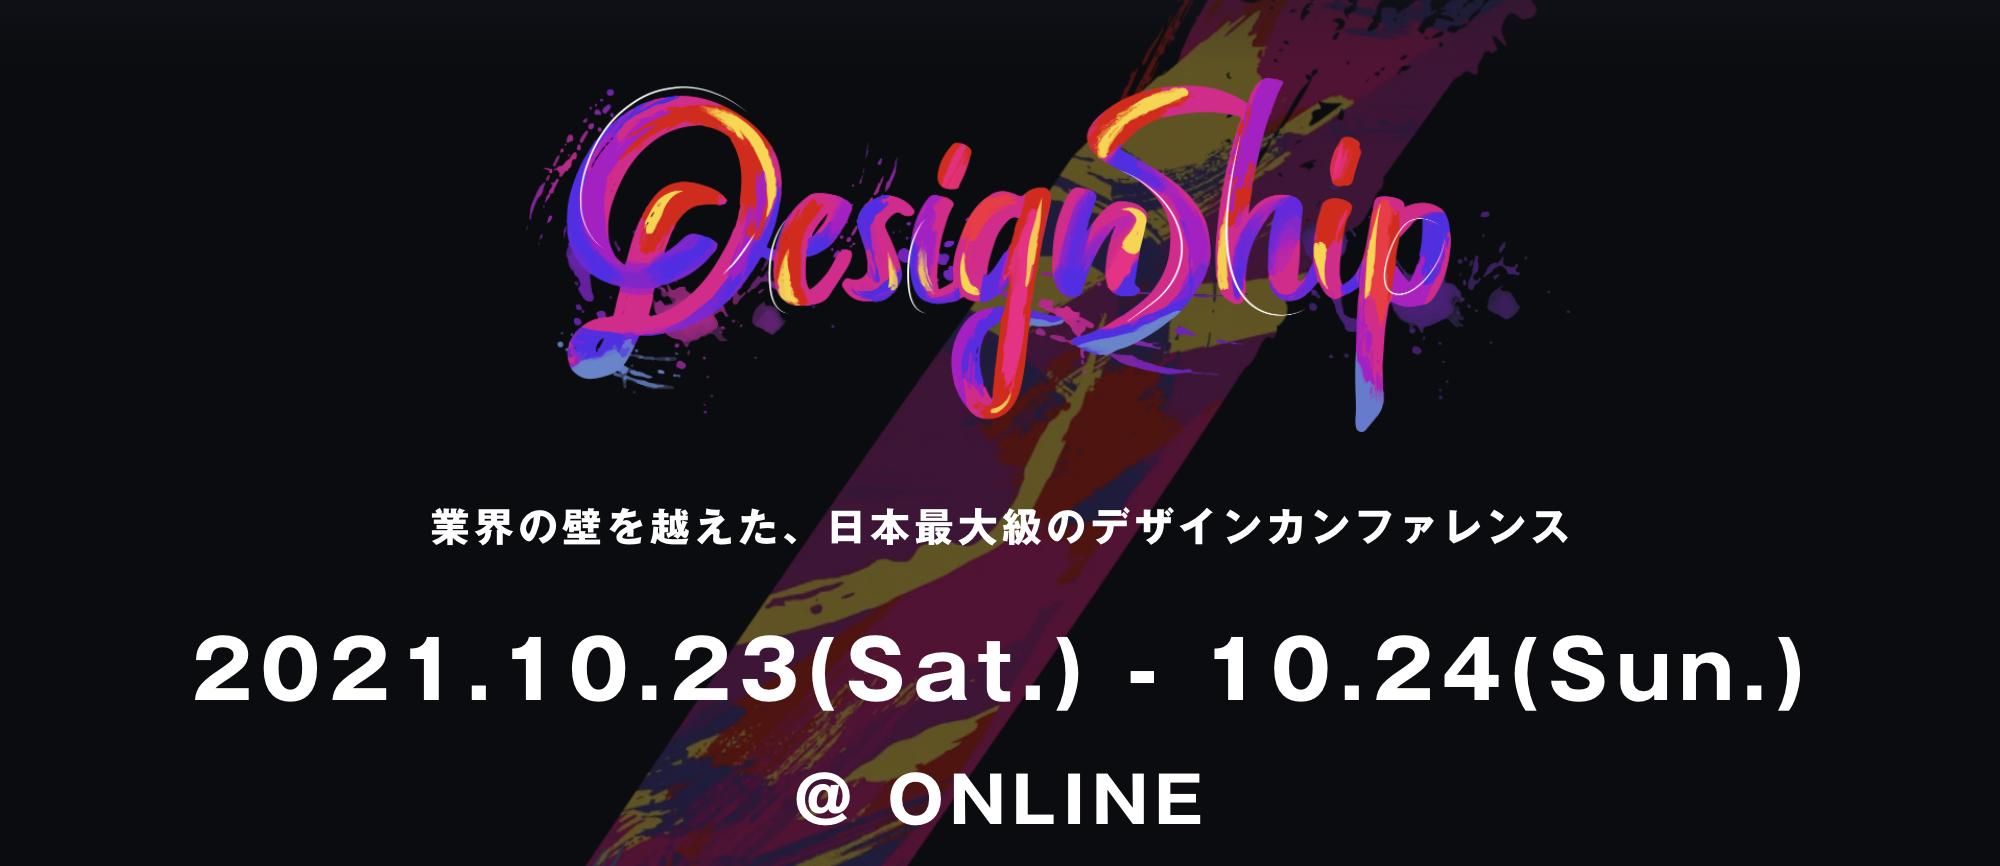 日本最大級のデザインカンファレンス「Designship 2021」登壇者13名を発表。CDO篠原健も登壇